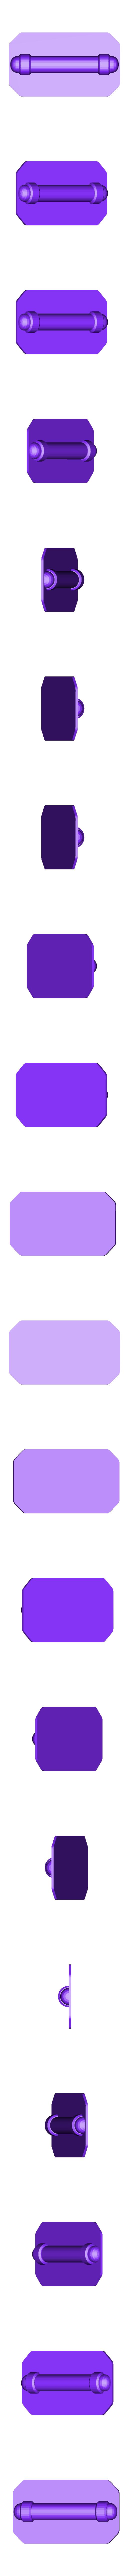 armbar-plate-iron-bar-top.stl Télécharger fichier STL gratuit Sci-fi bunker bunker bunker 28mm • Design pour impression 3D, Terrain4Print